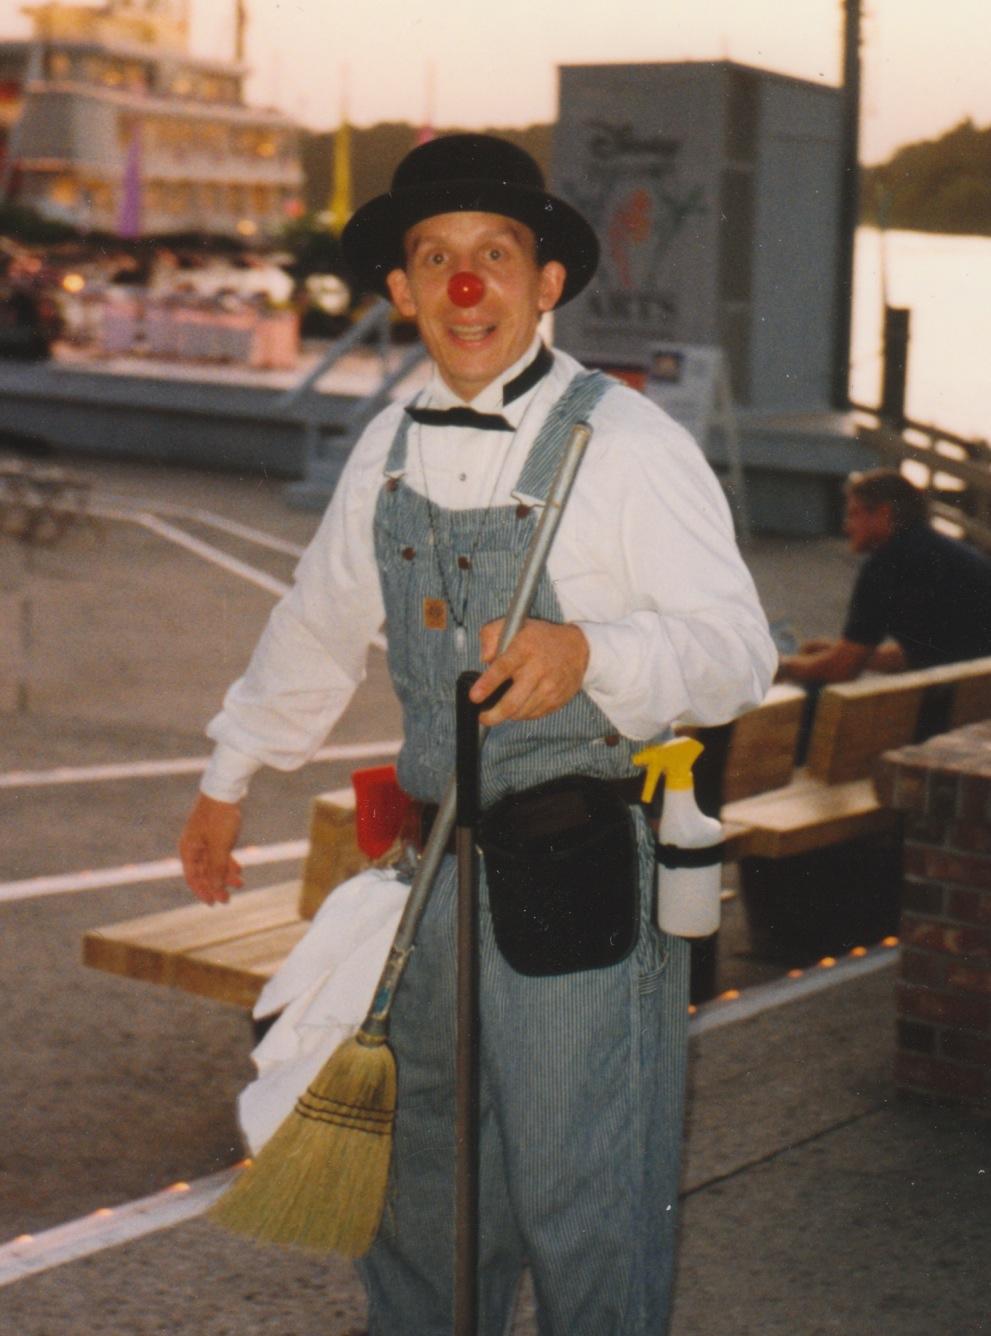 Jim on Street